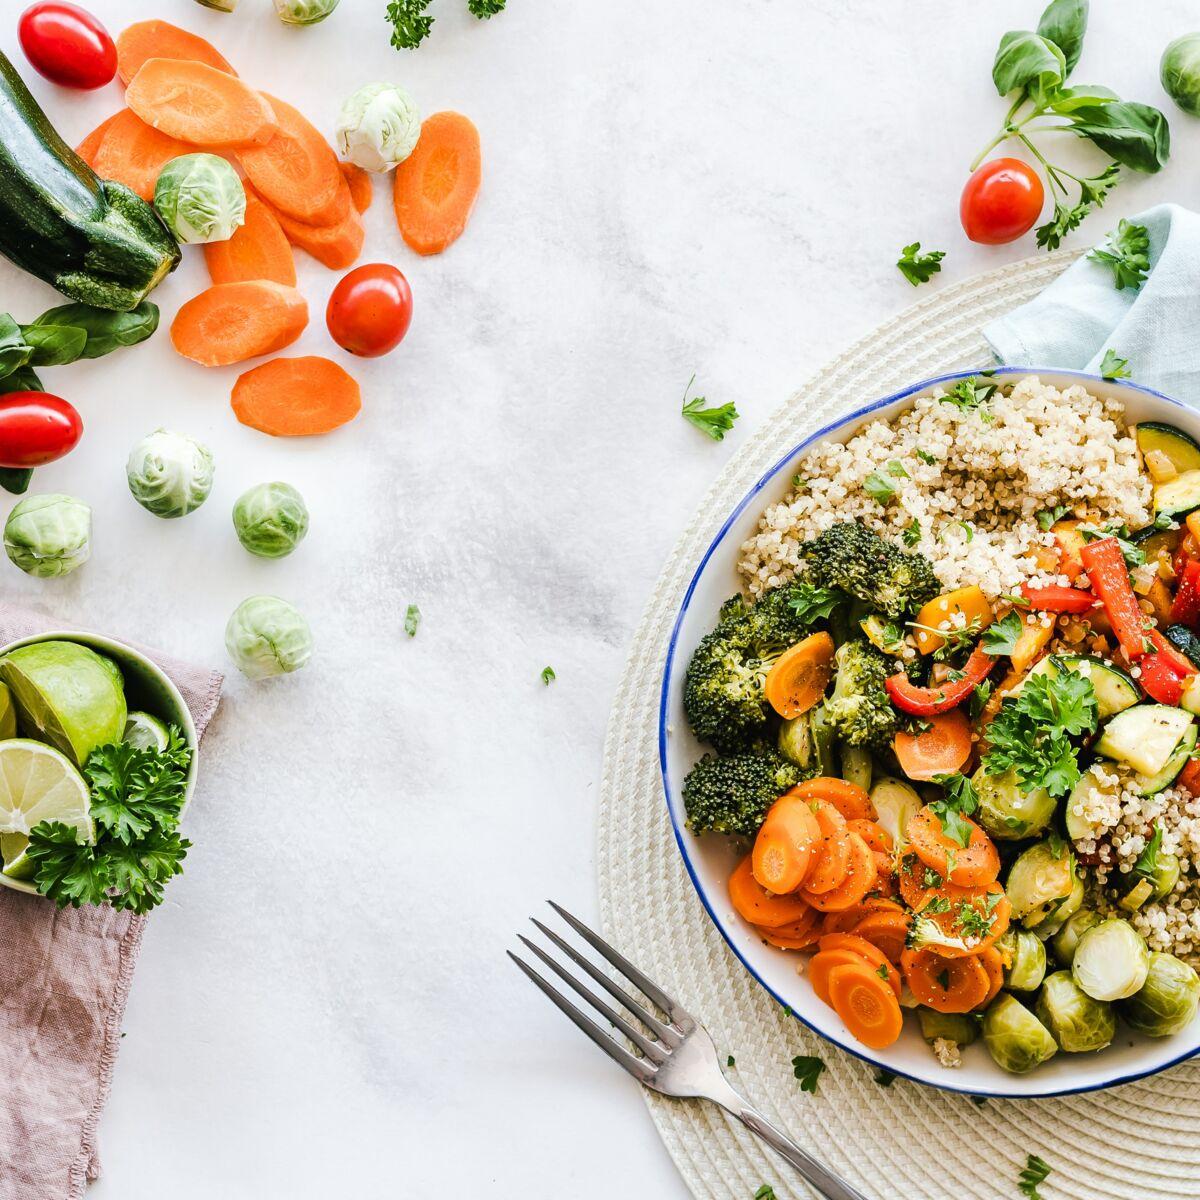 manger une cuisine maigre perte de poids